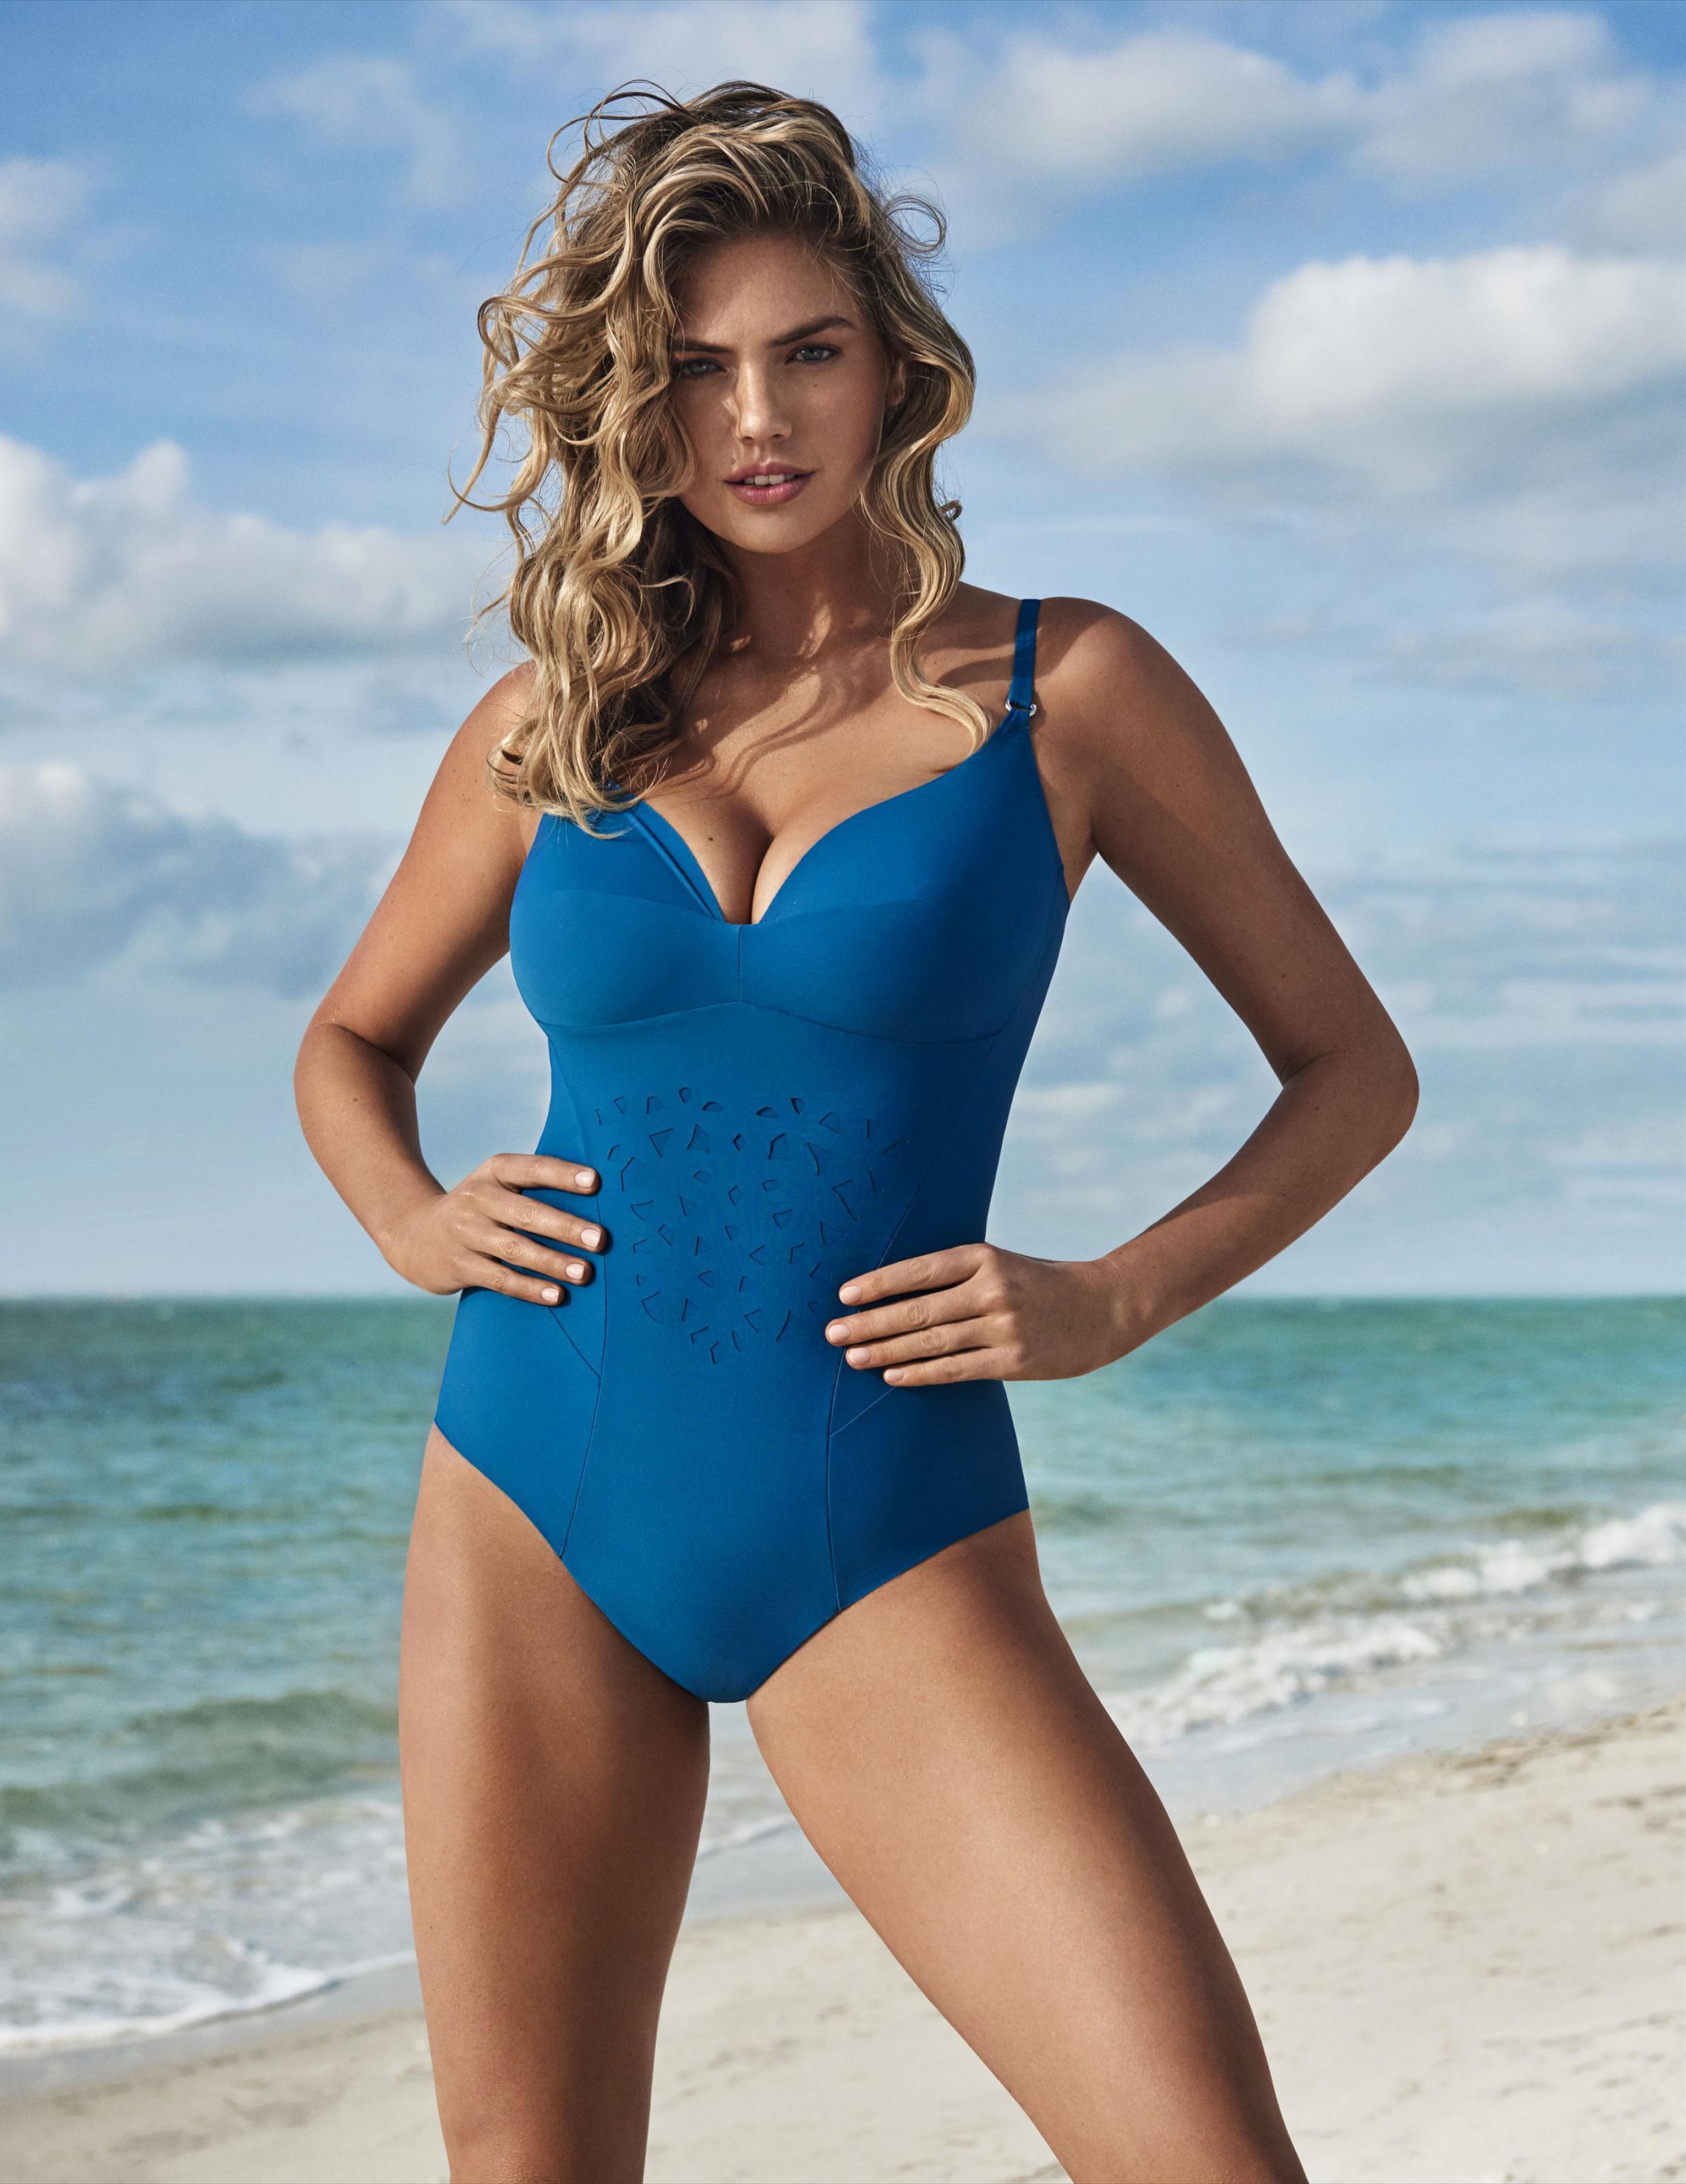 原创            超模阿普顿外出健身被拍,产后身材发福,被称微胖女神!